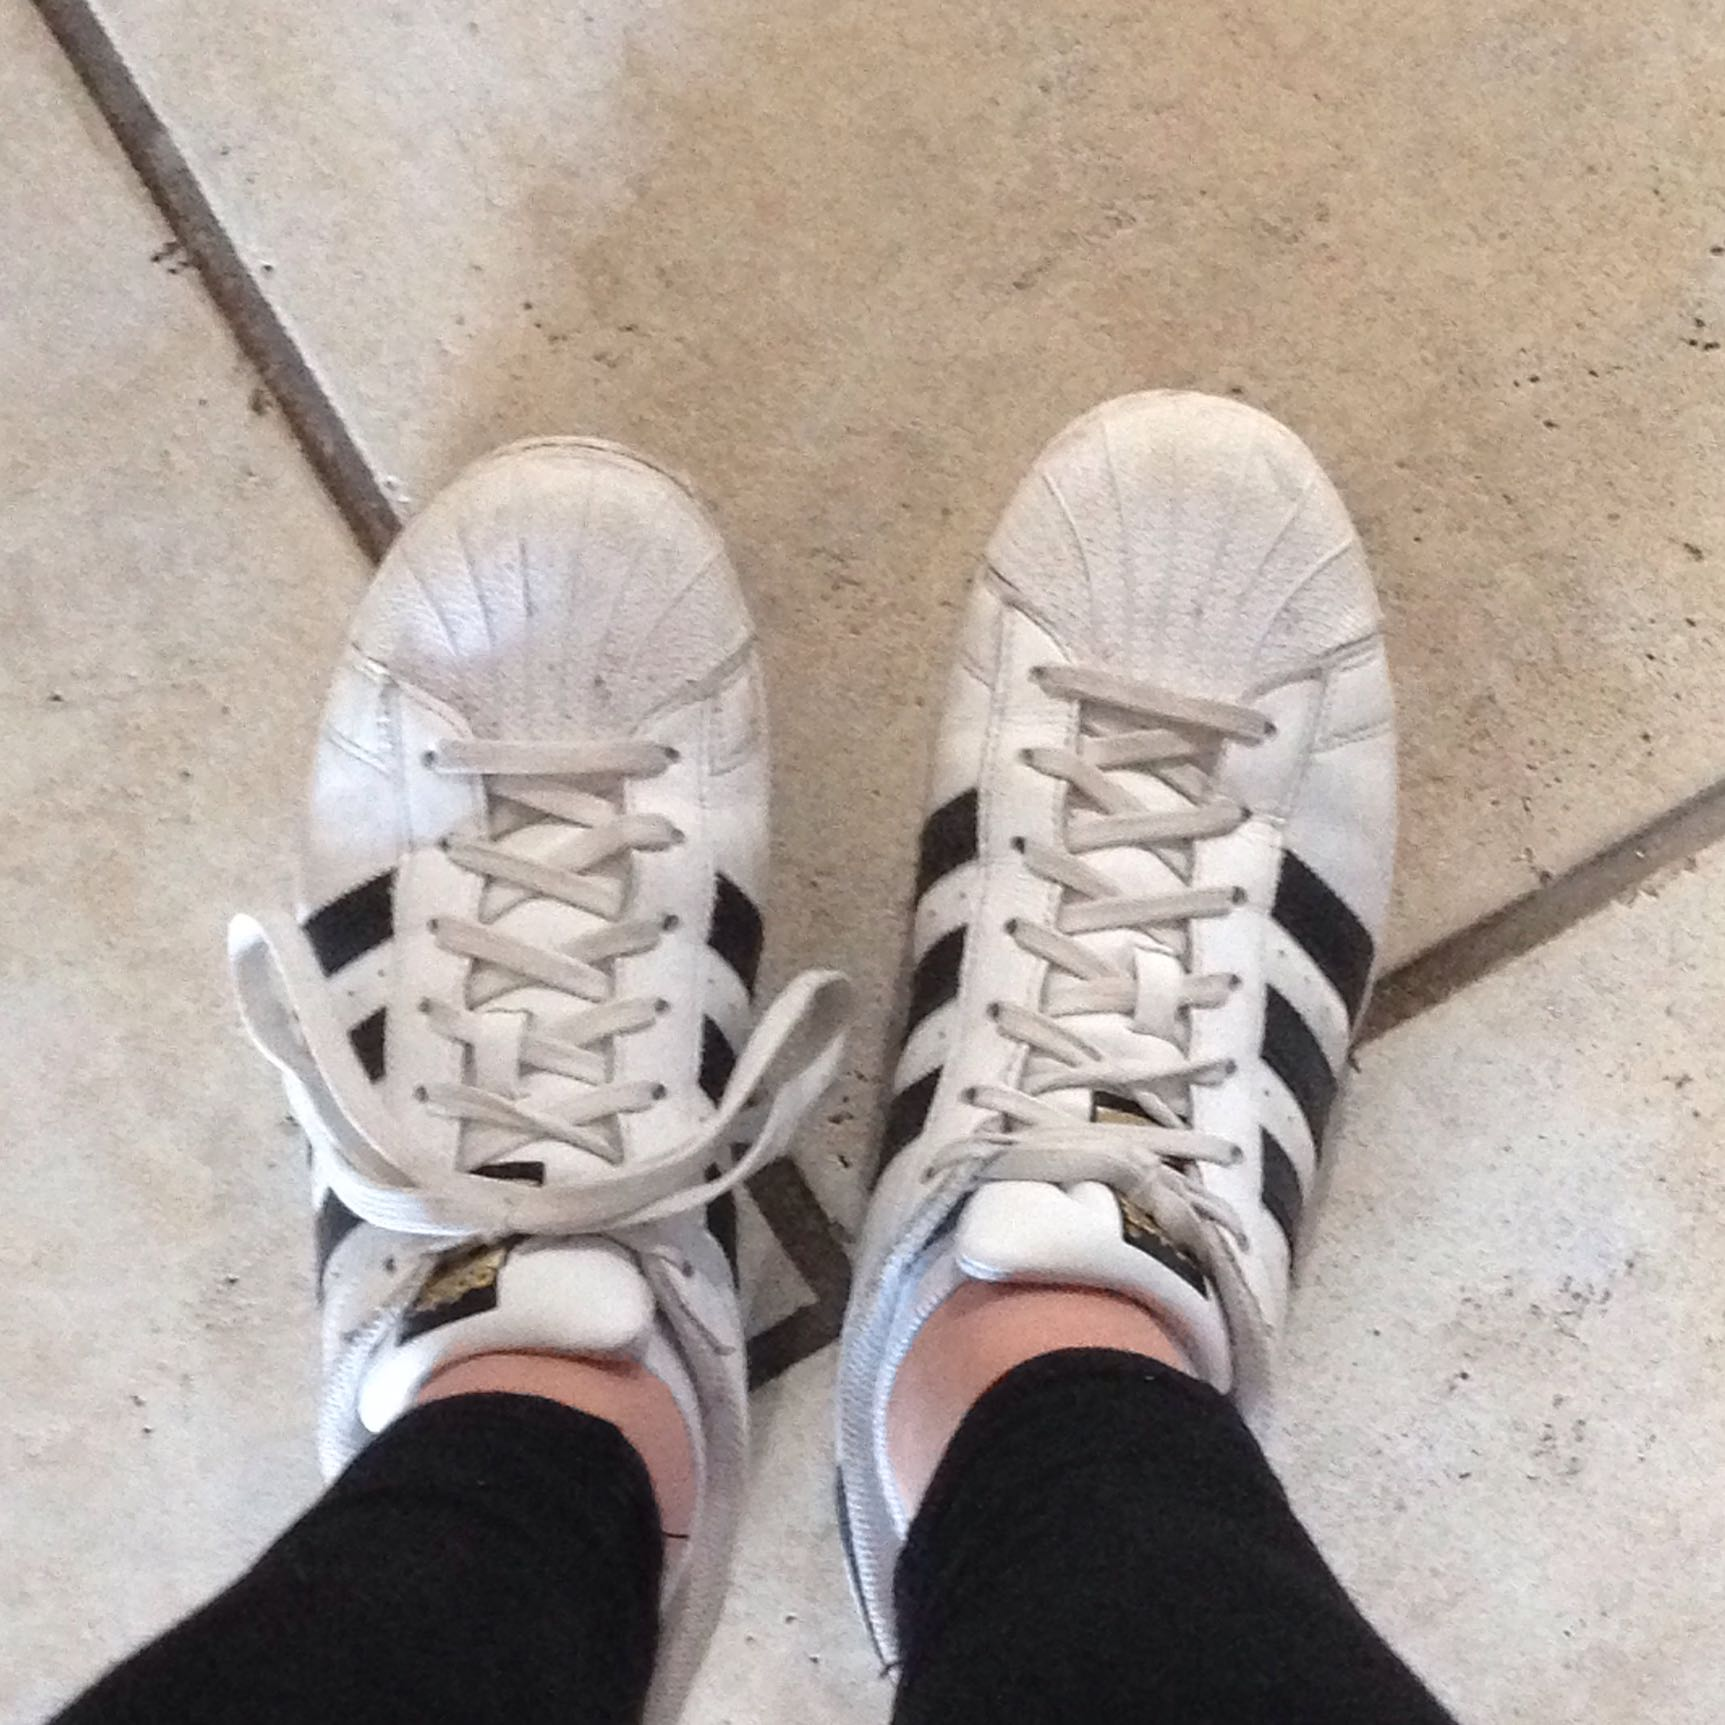 Binden Adidas Schuhe Adidas Superstar Ohne 7gyfb6Yv